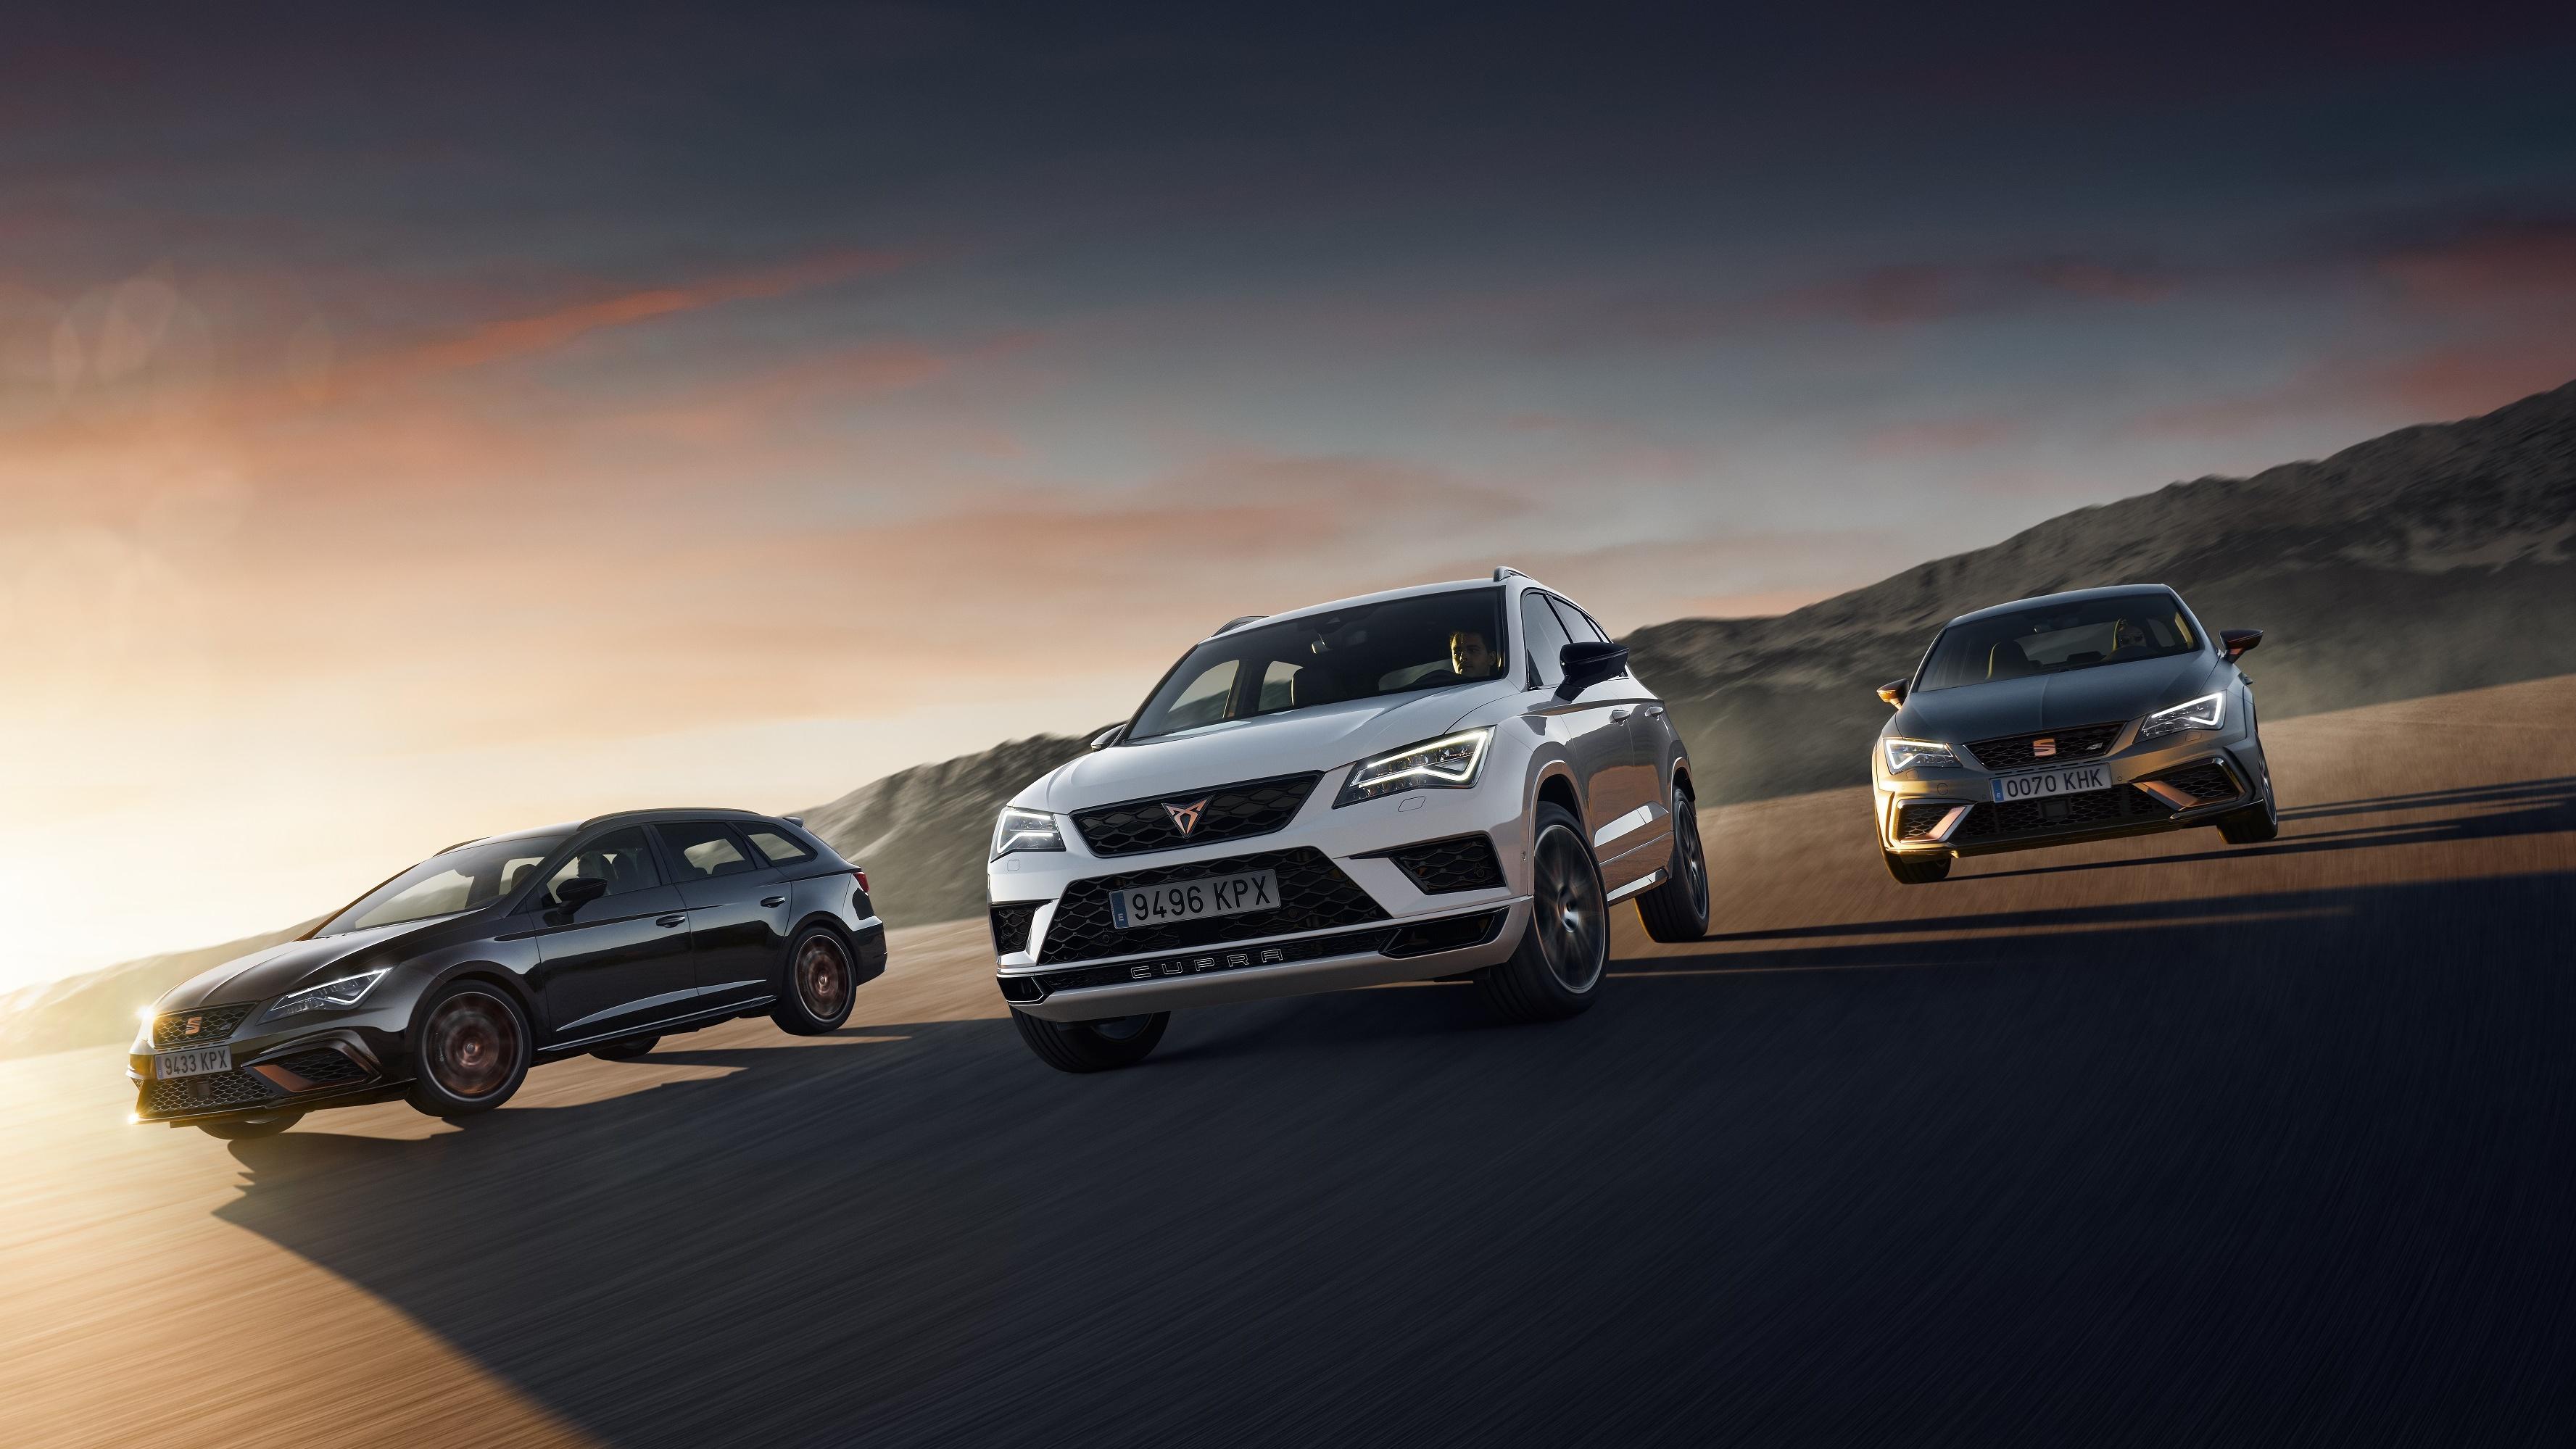 Uus rekord paistab: SEAT müüs jaanuaris taas meeletu hulga autosid